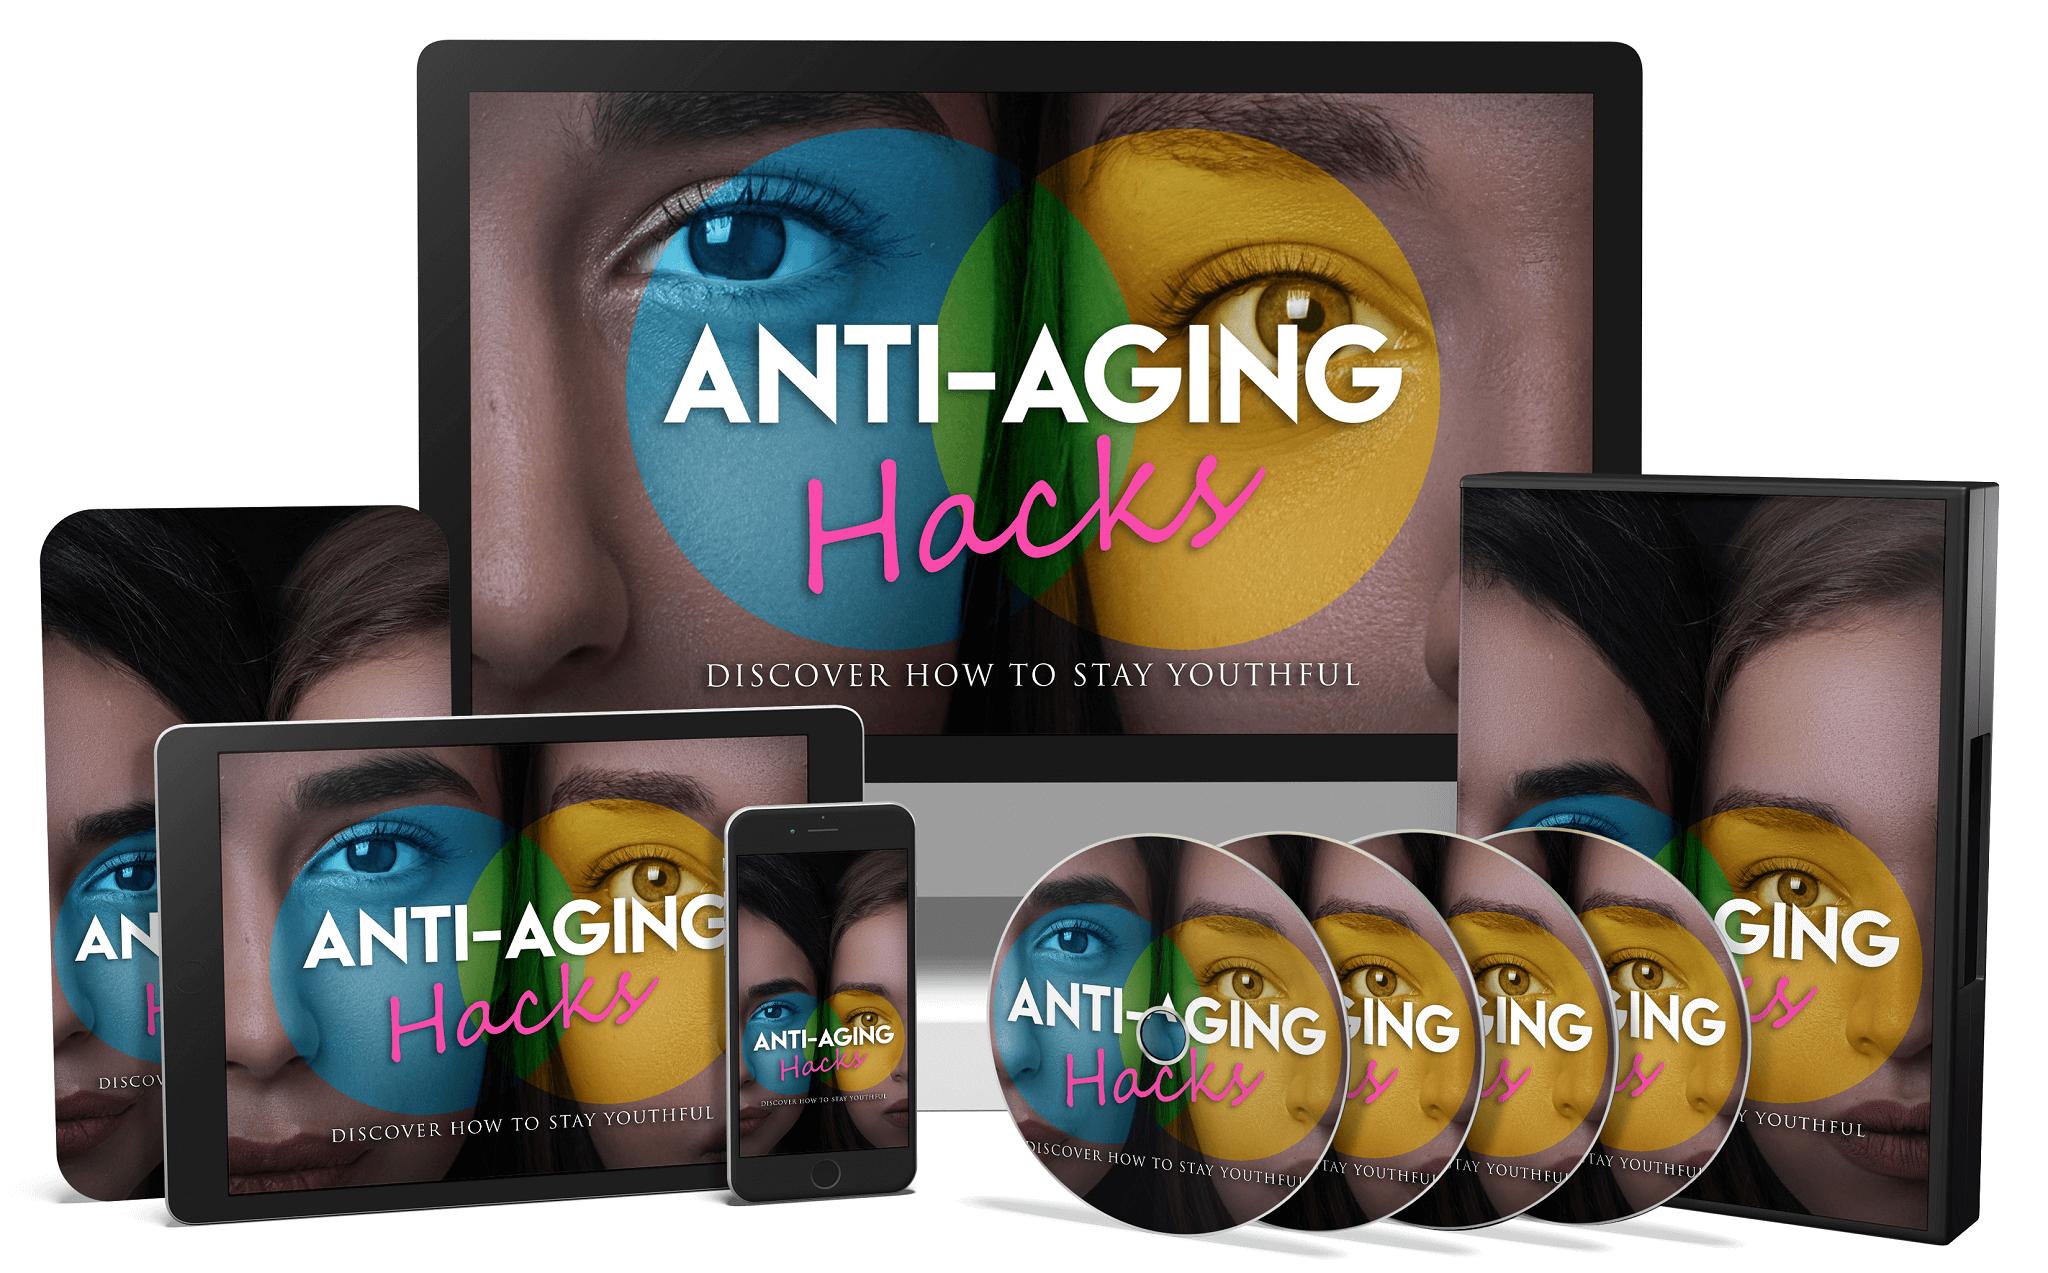 Anti-Aging-Hacks-PLR-review